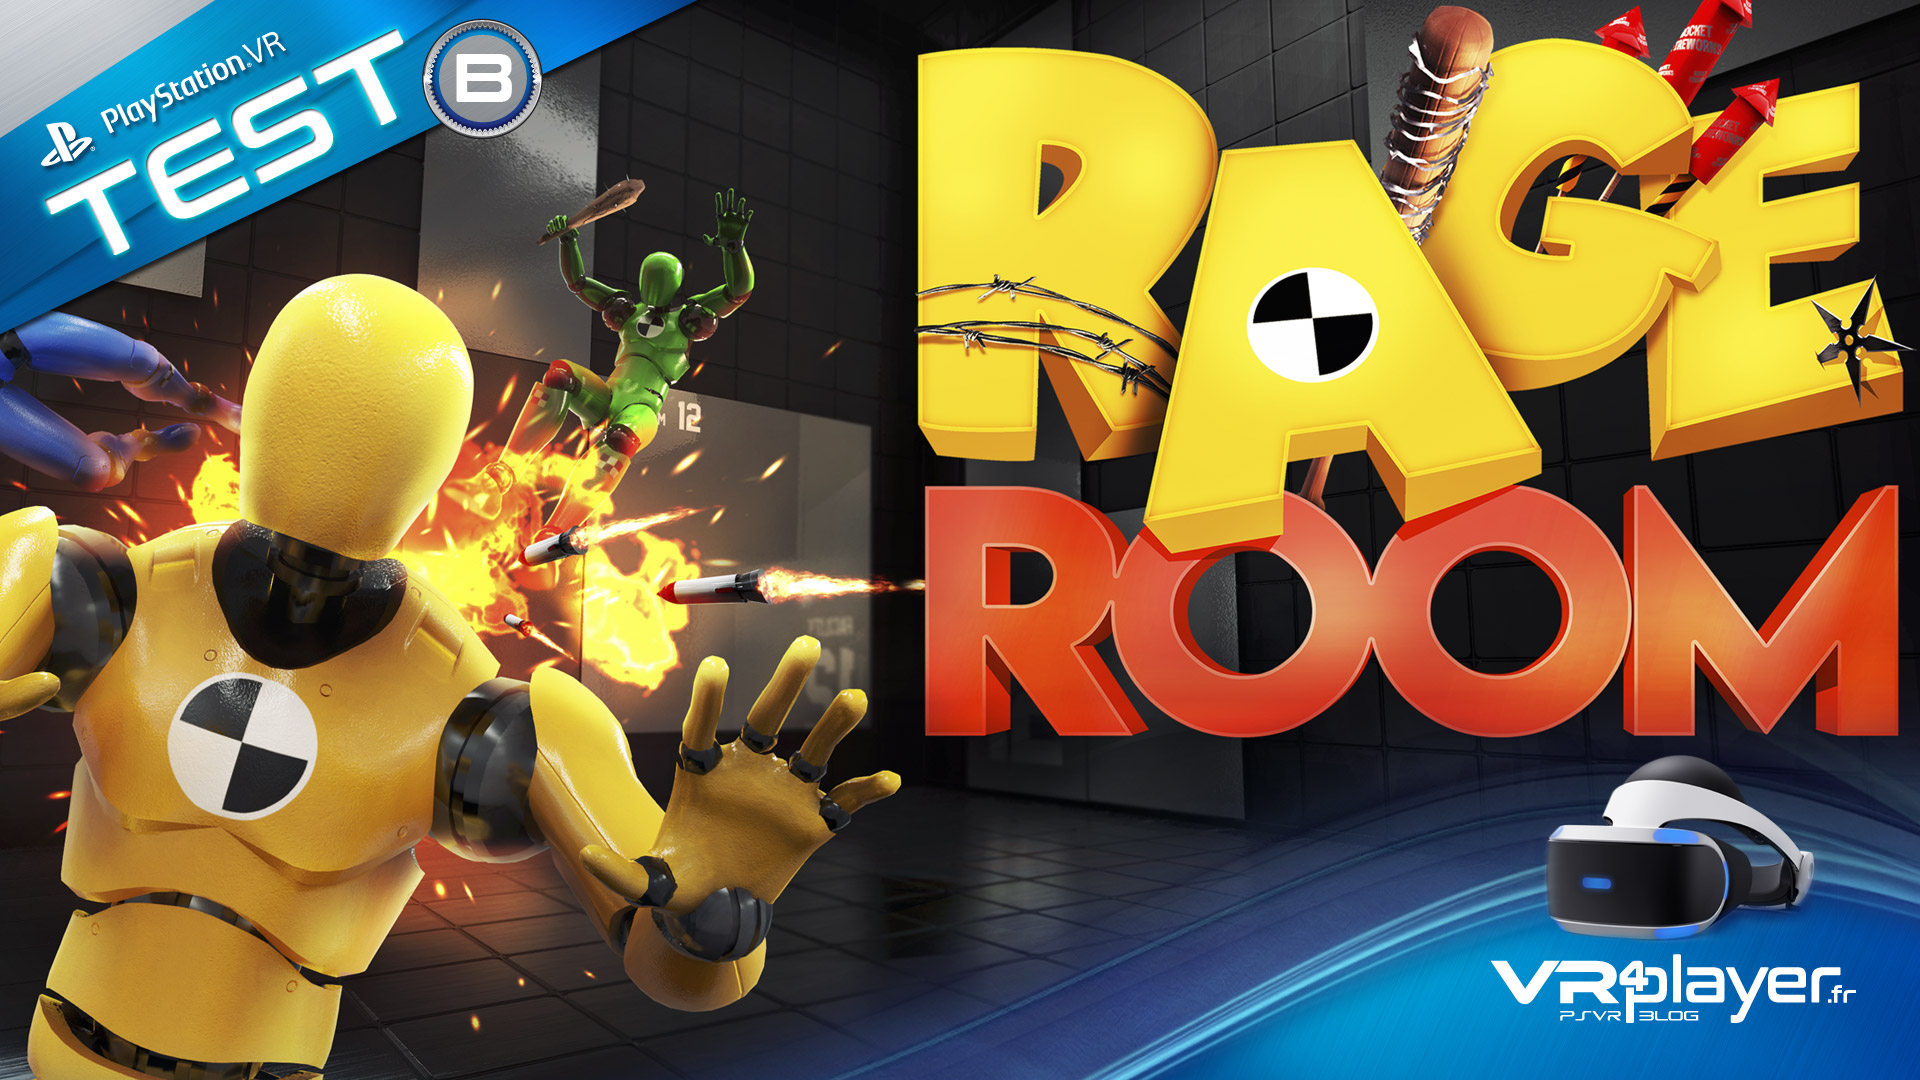 PlayStation VR PSVR Rage Room VR sur le banc d'essai